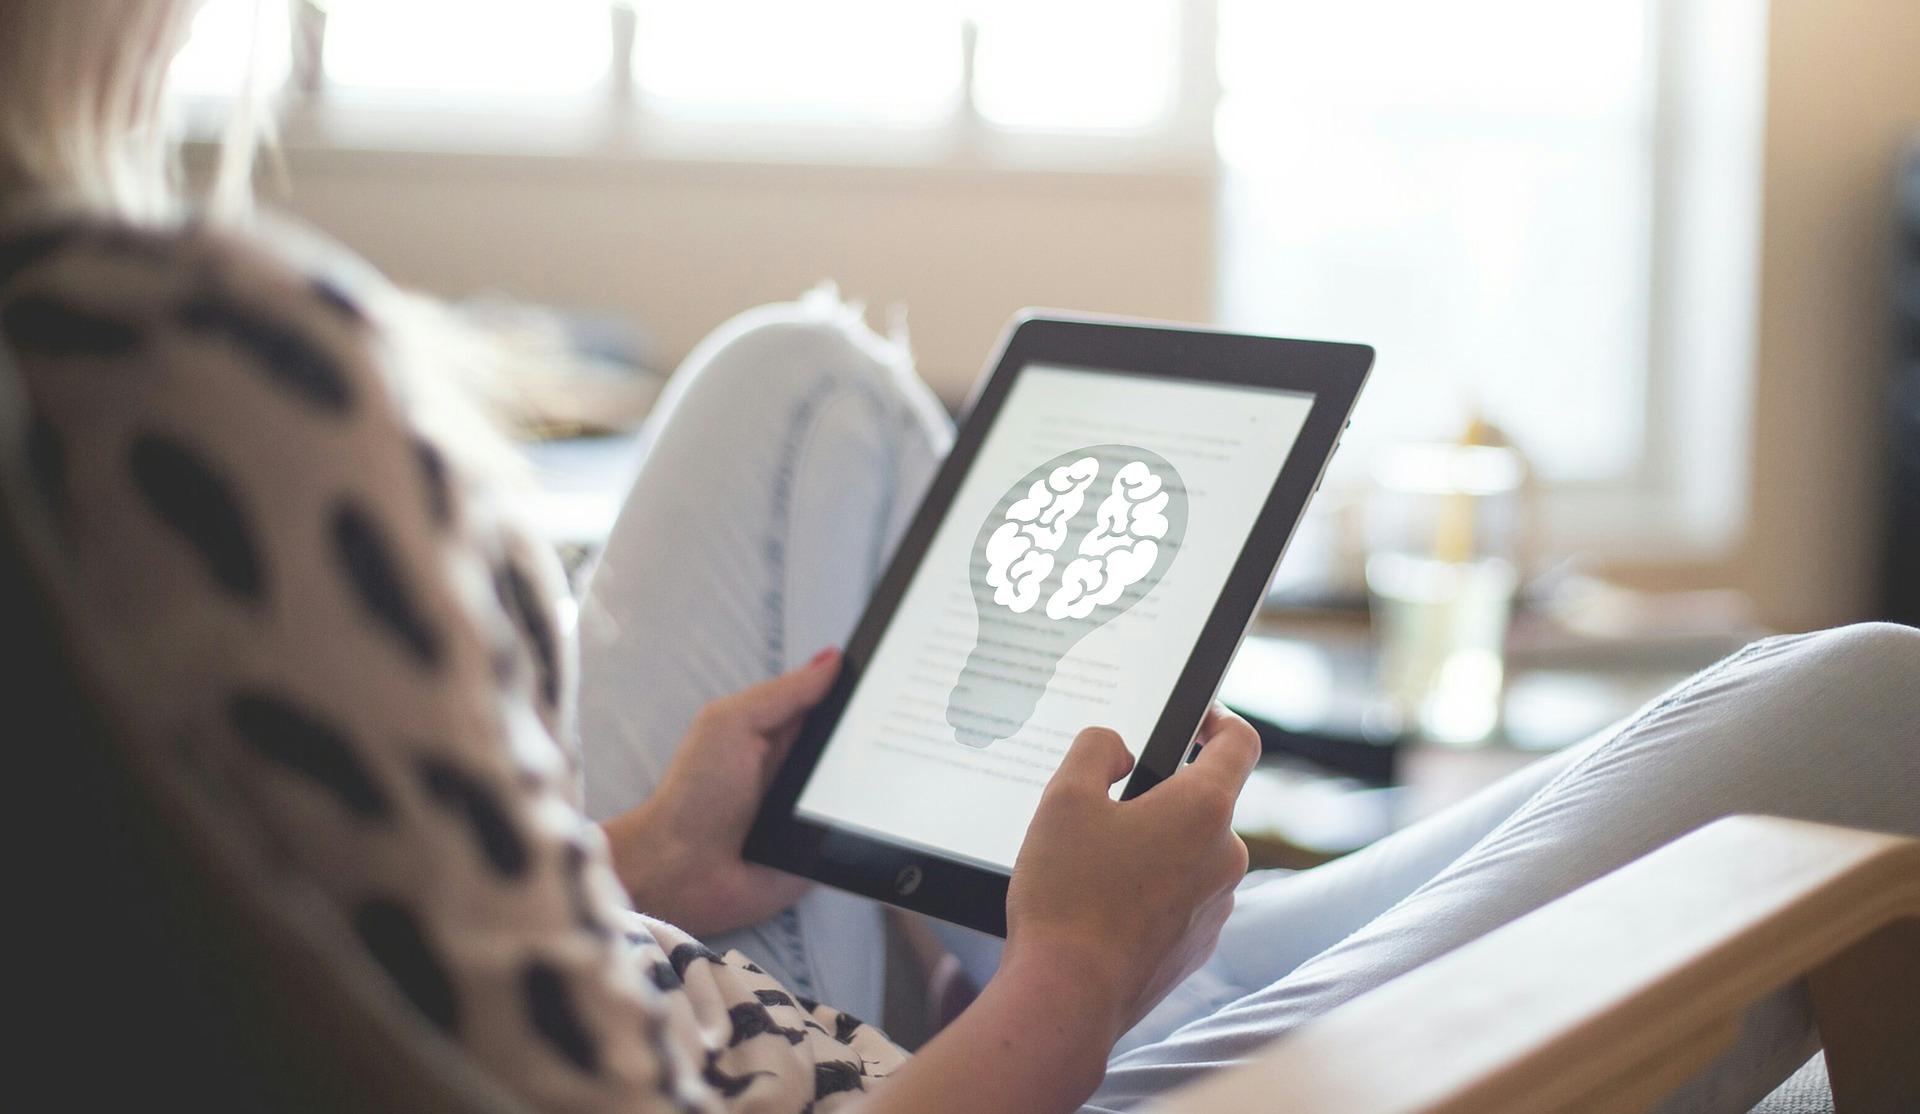 Conheça 5 livros que todo empreendedor deve ler